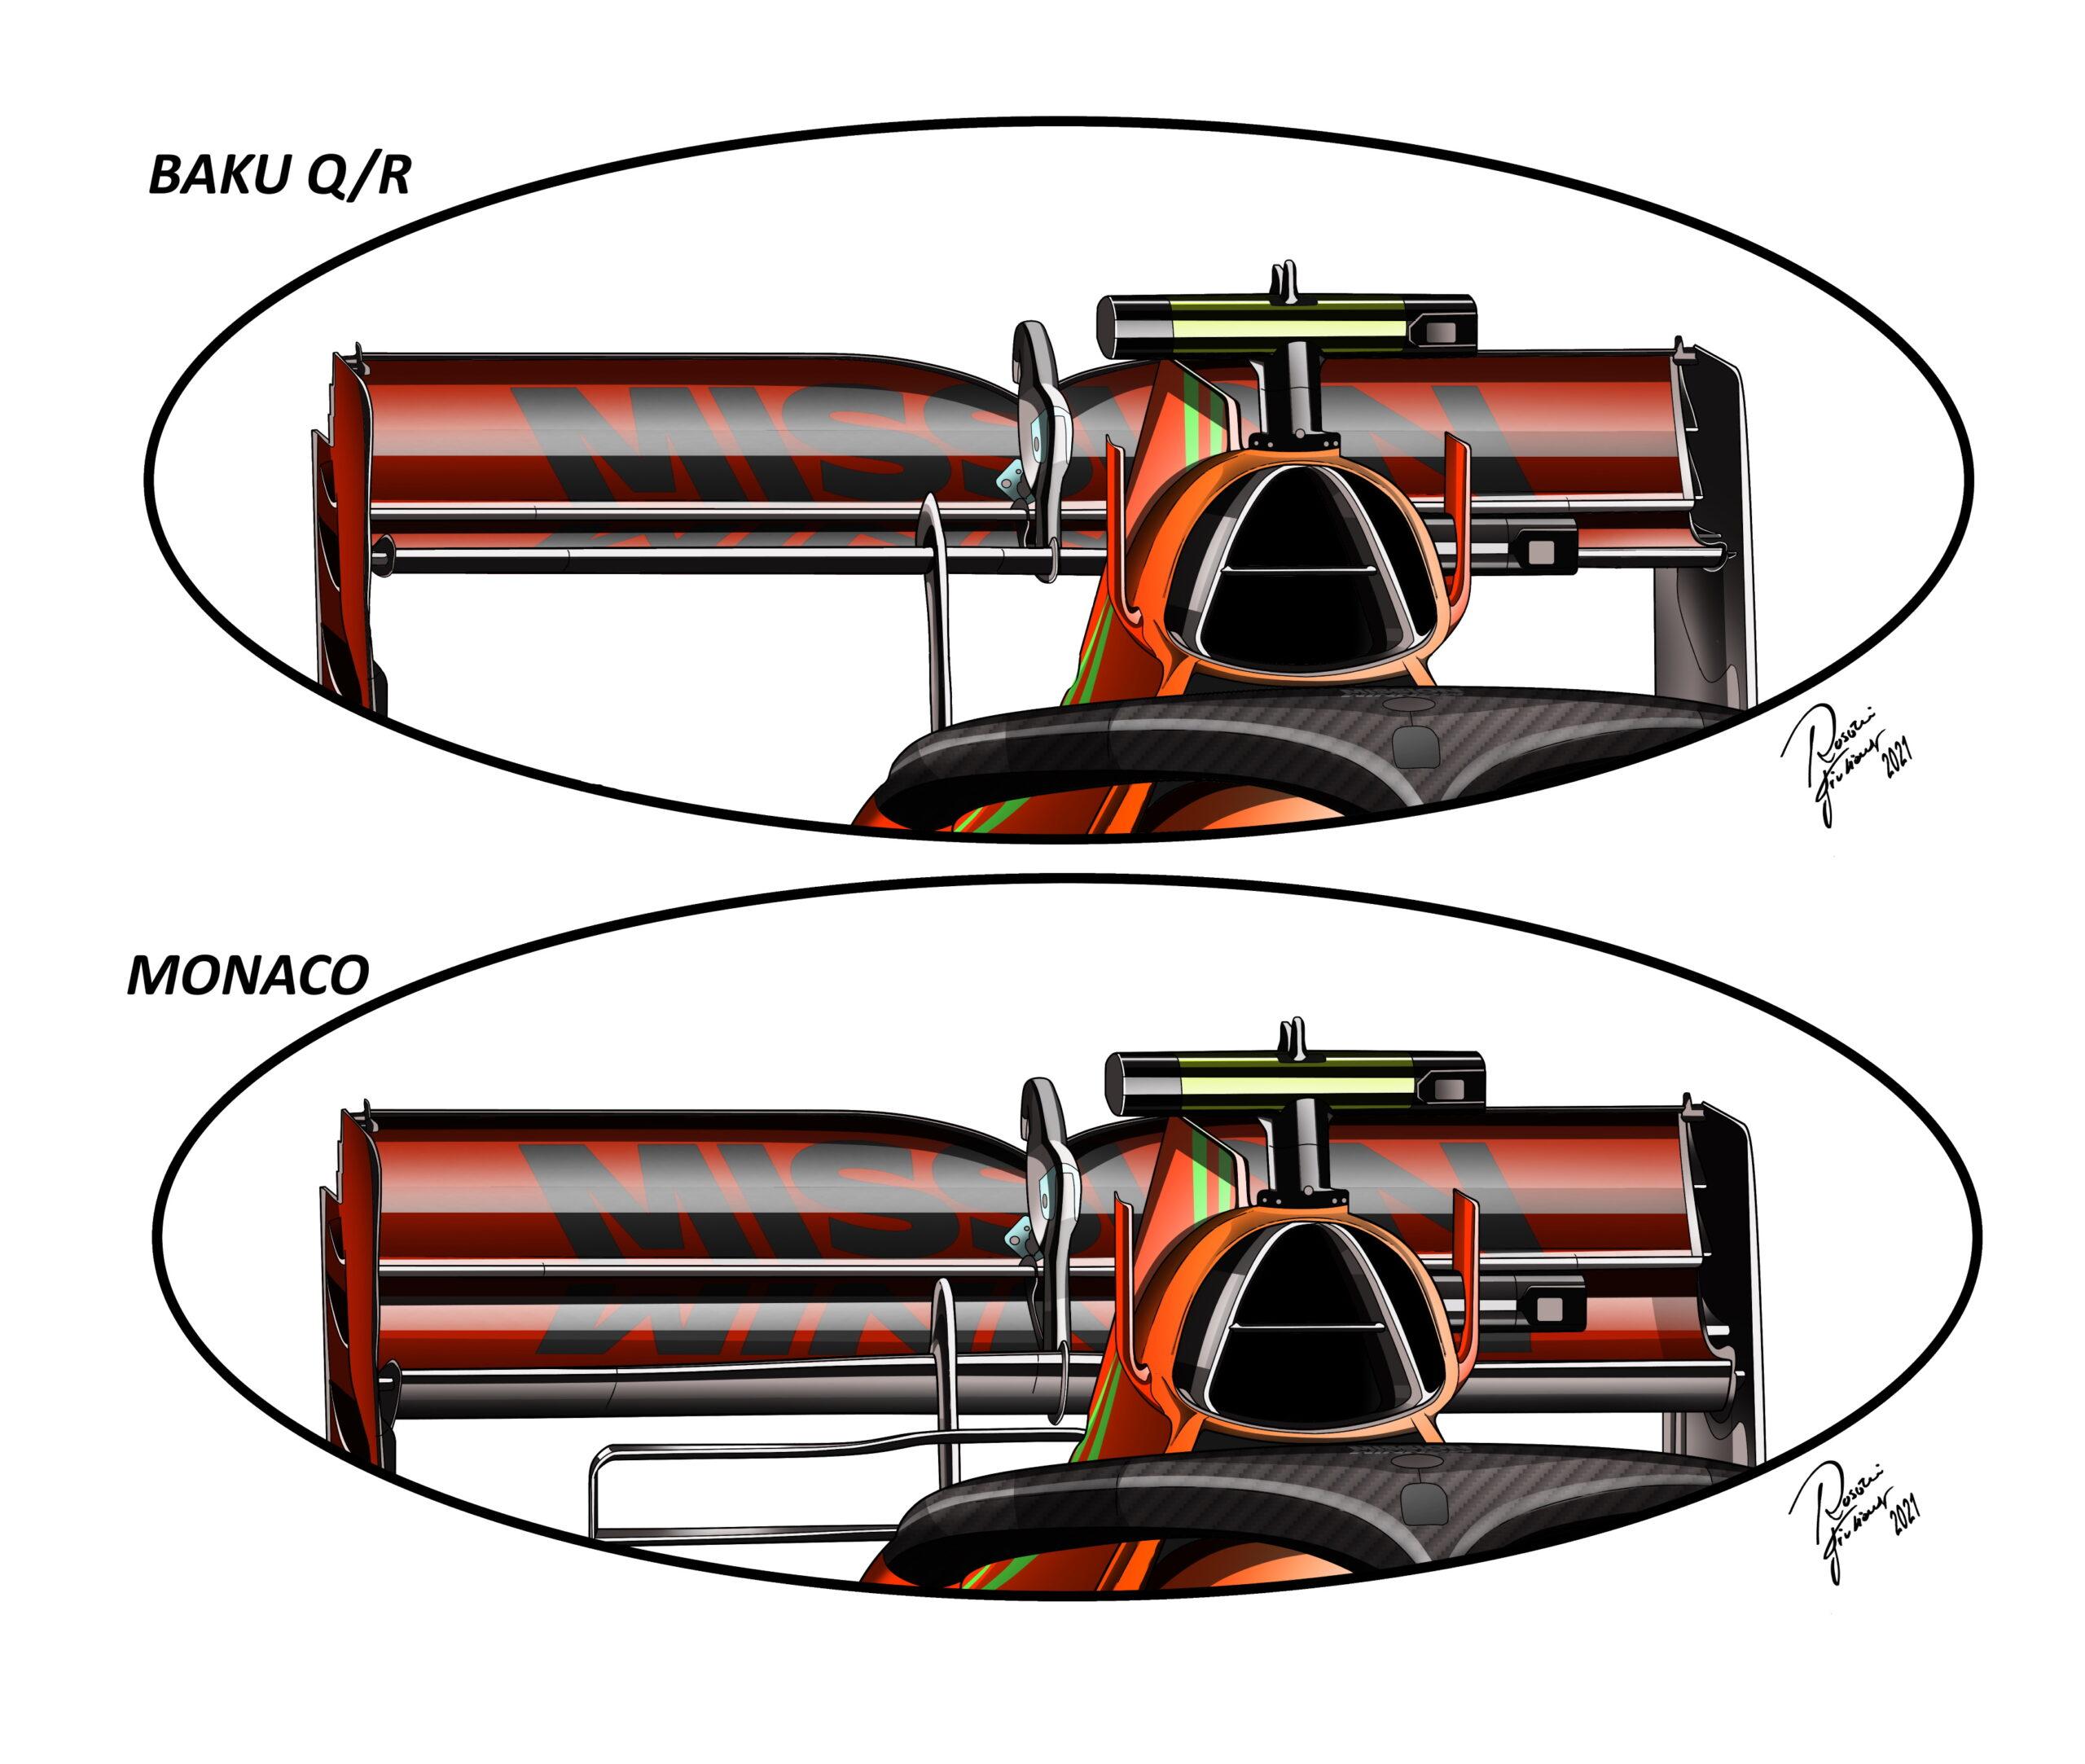 F1 - Les différentes solutions utilisées par Ferrari, Mercedes et Red Bull à Bakou